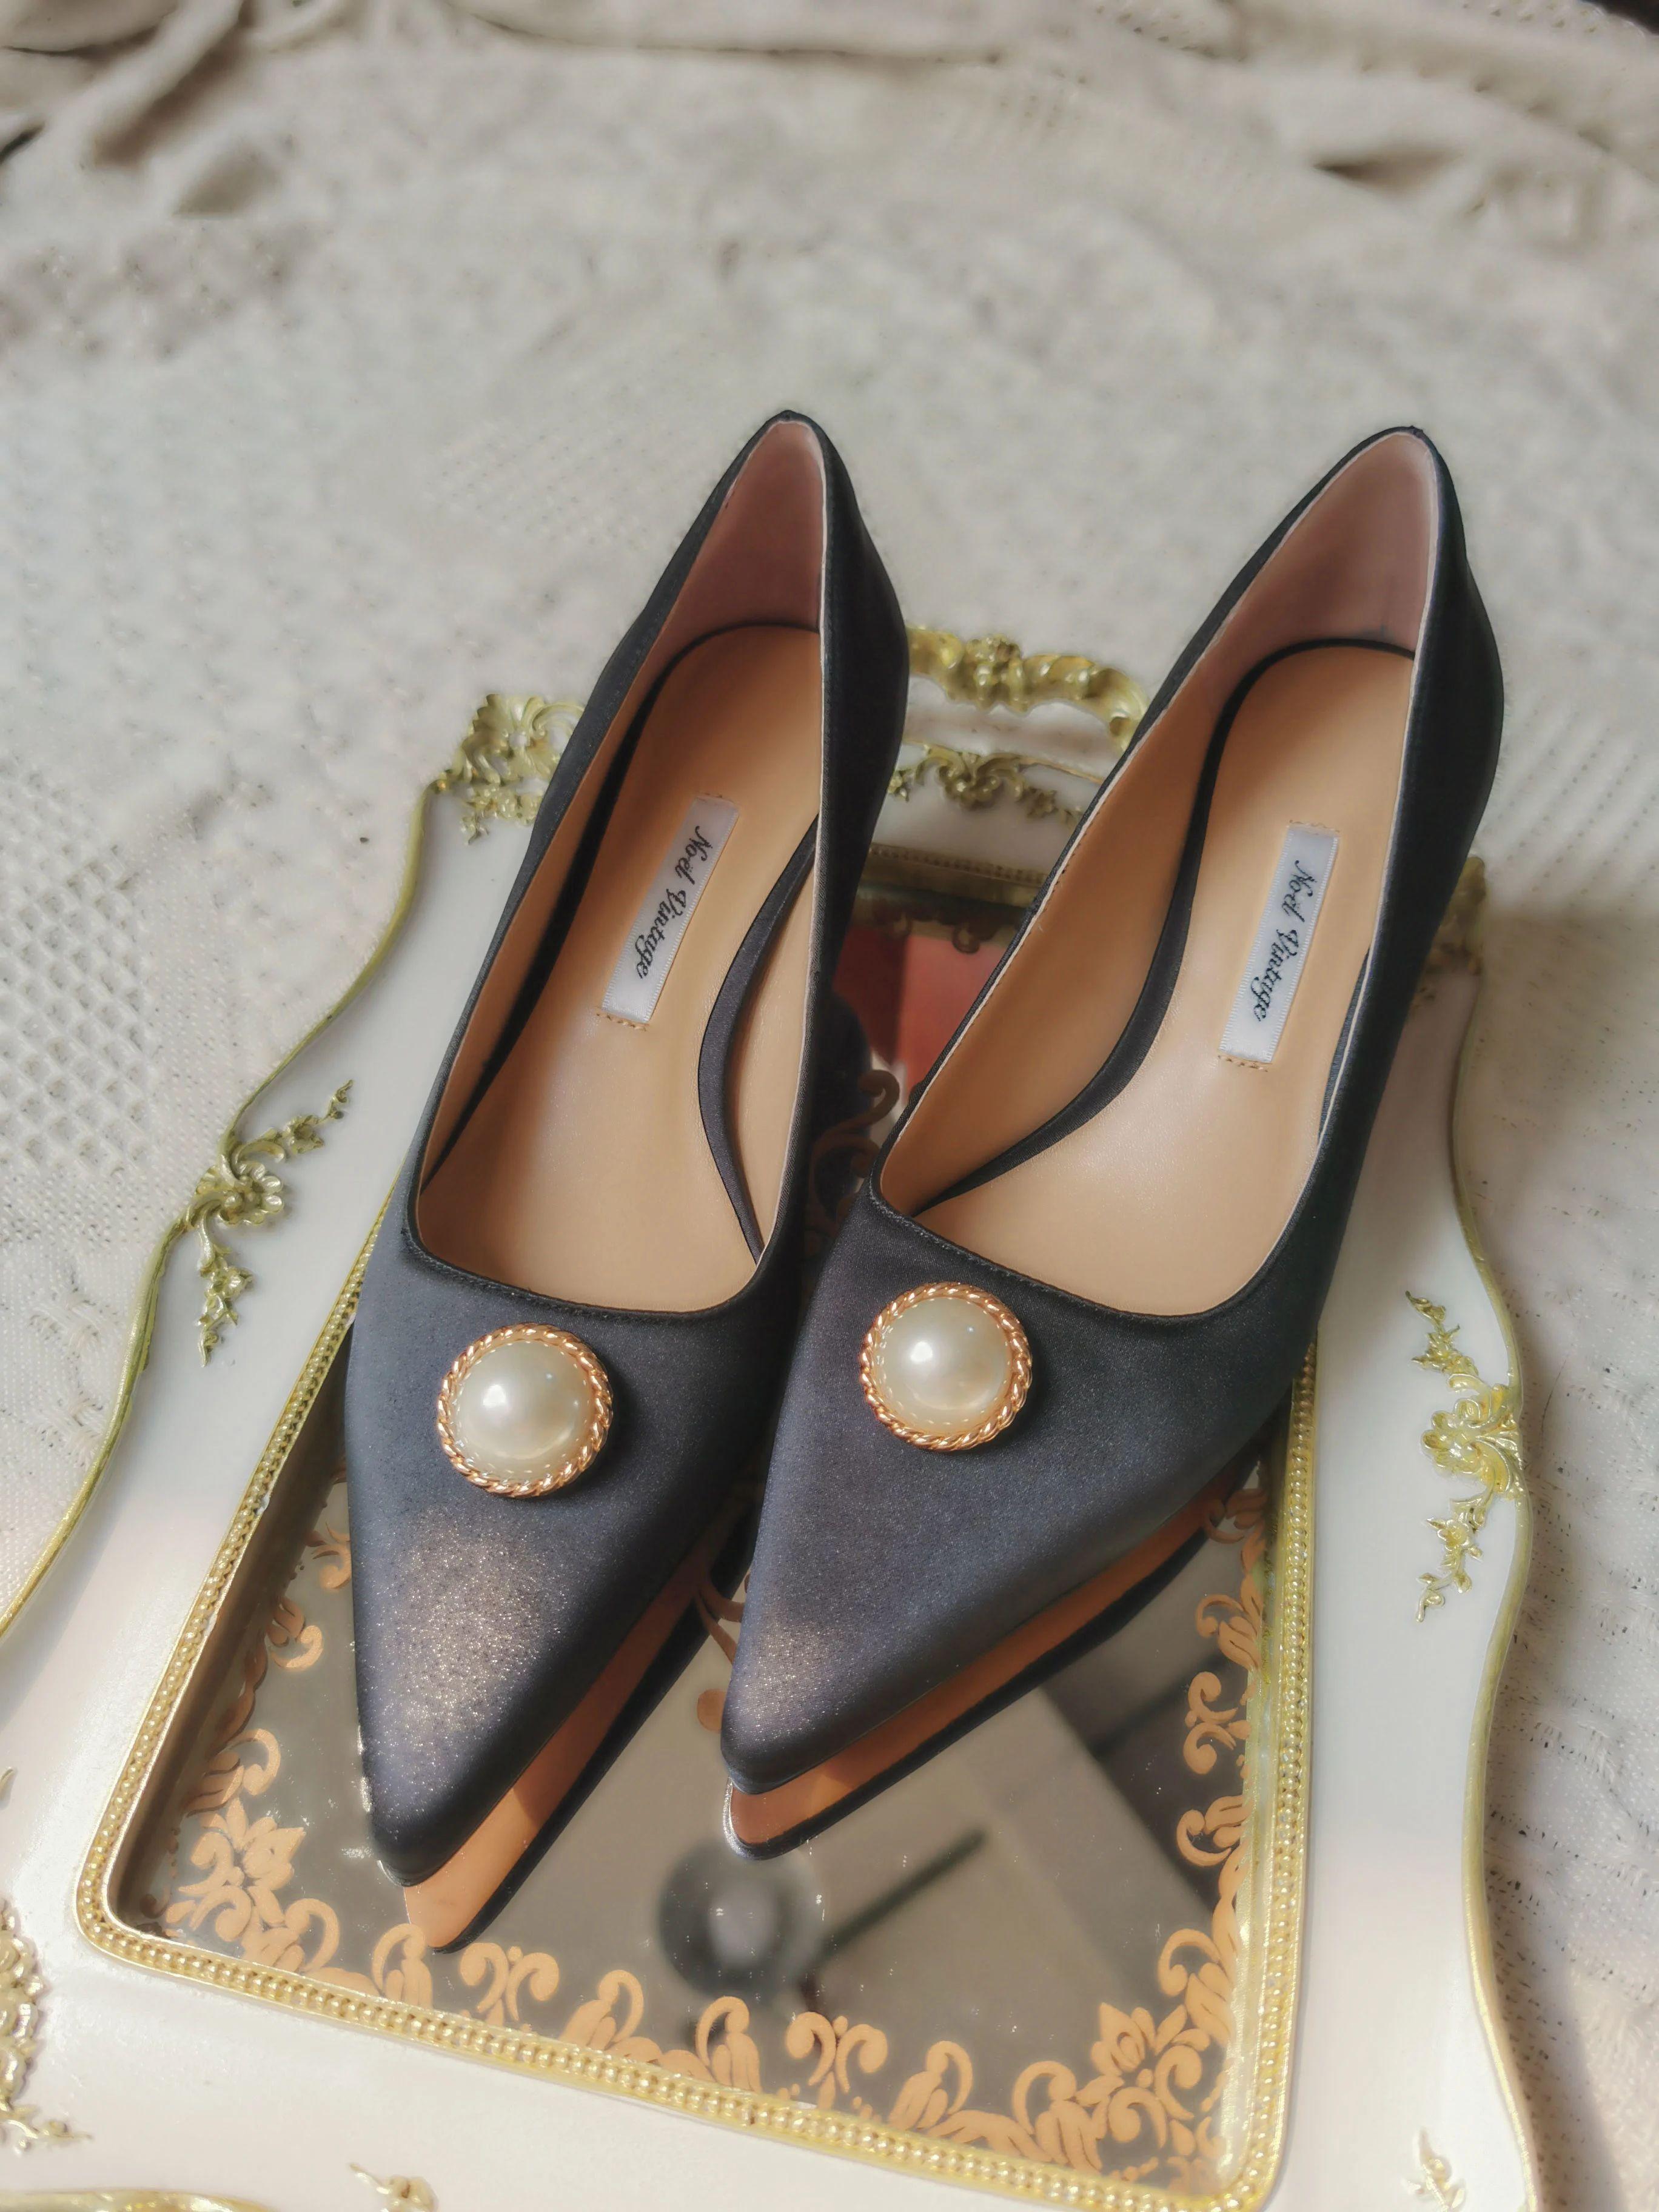 黑色尖头细跟高跟鞋_有哪些很时髦、穿久也不累脚的高跟鞋? - 知乎